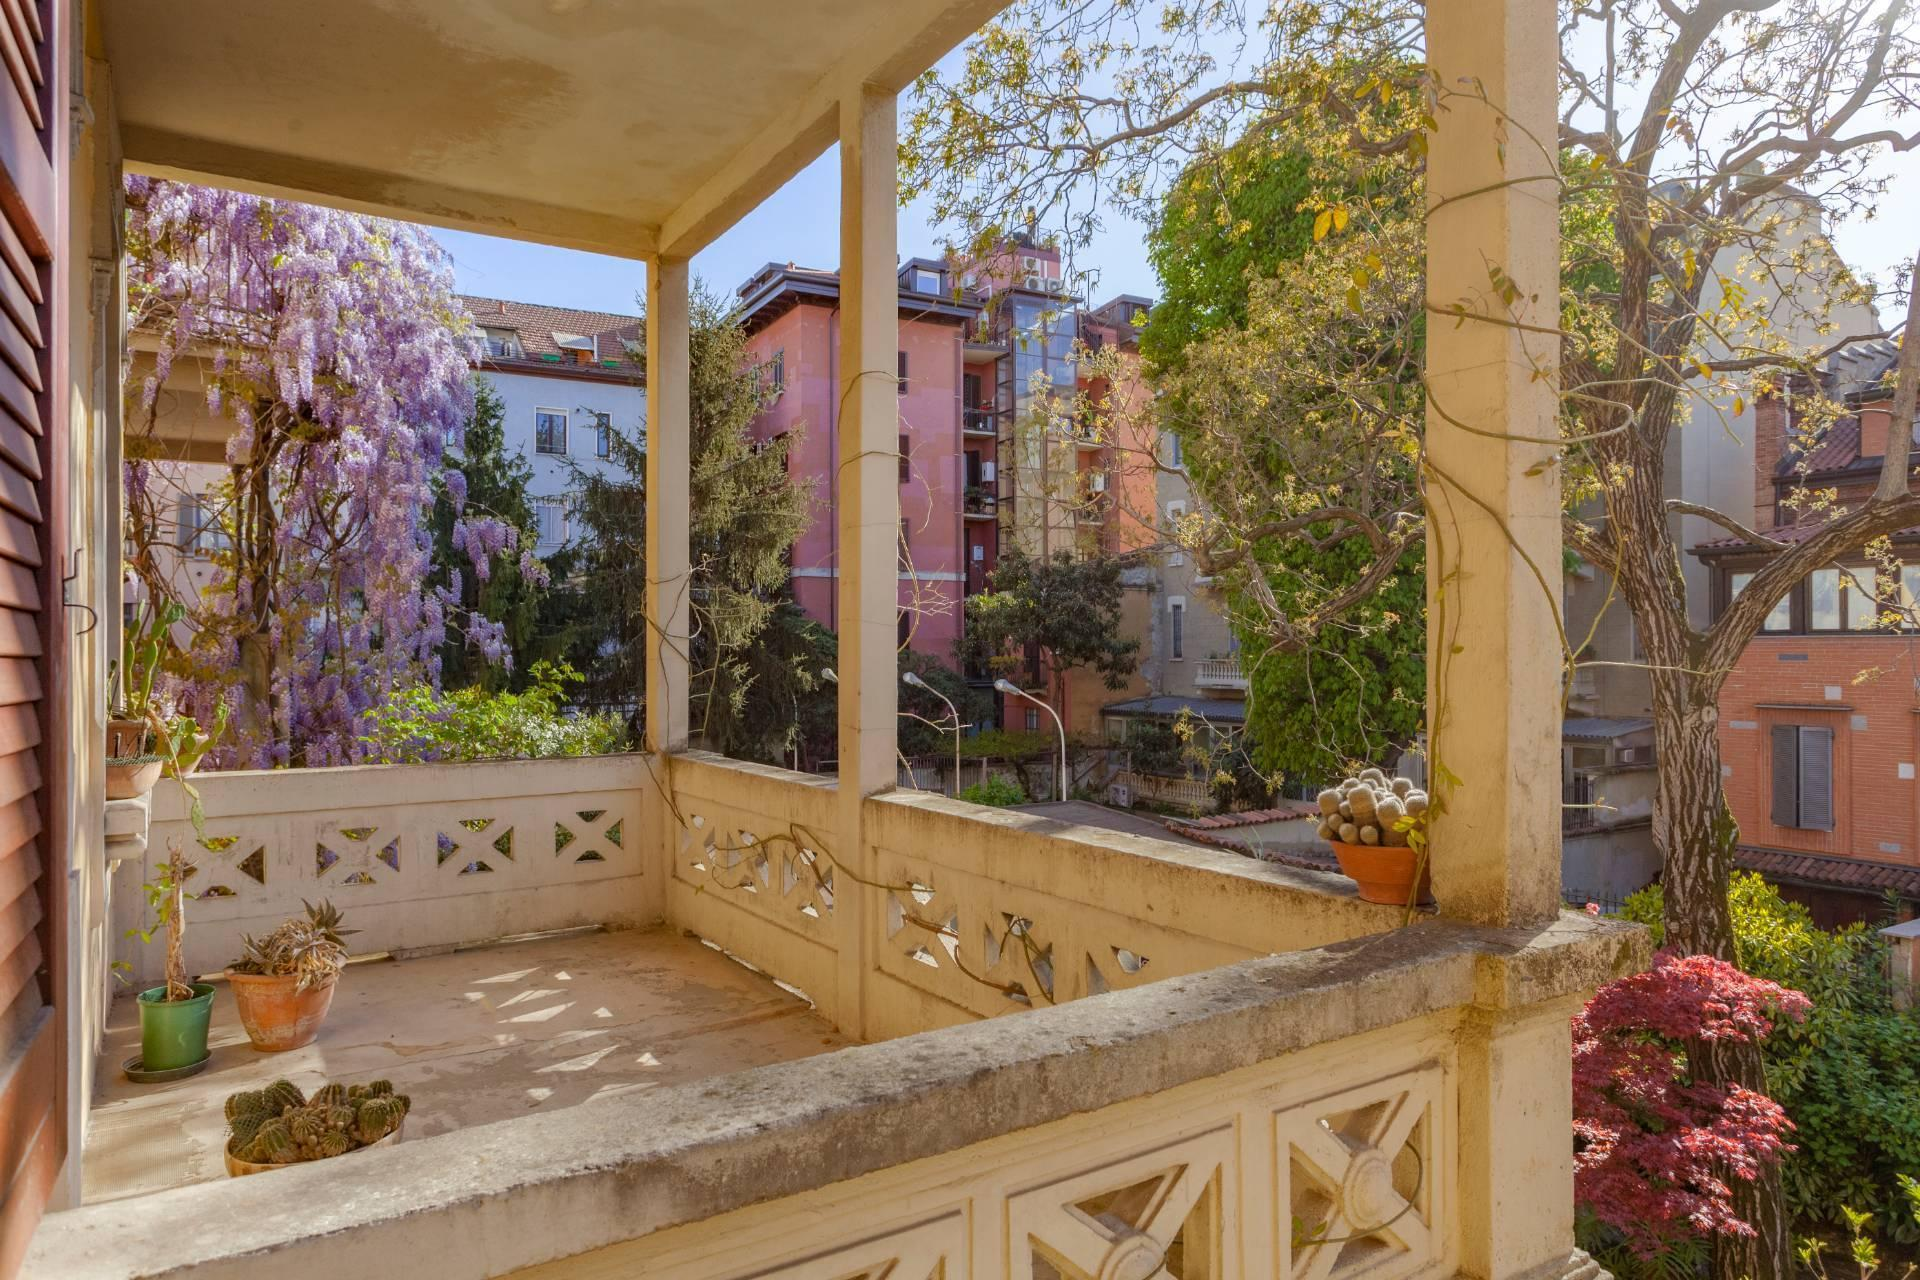 Elegant residence overlooking a lush flower garden - 7